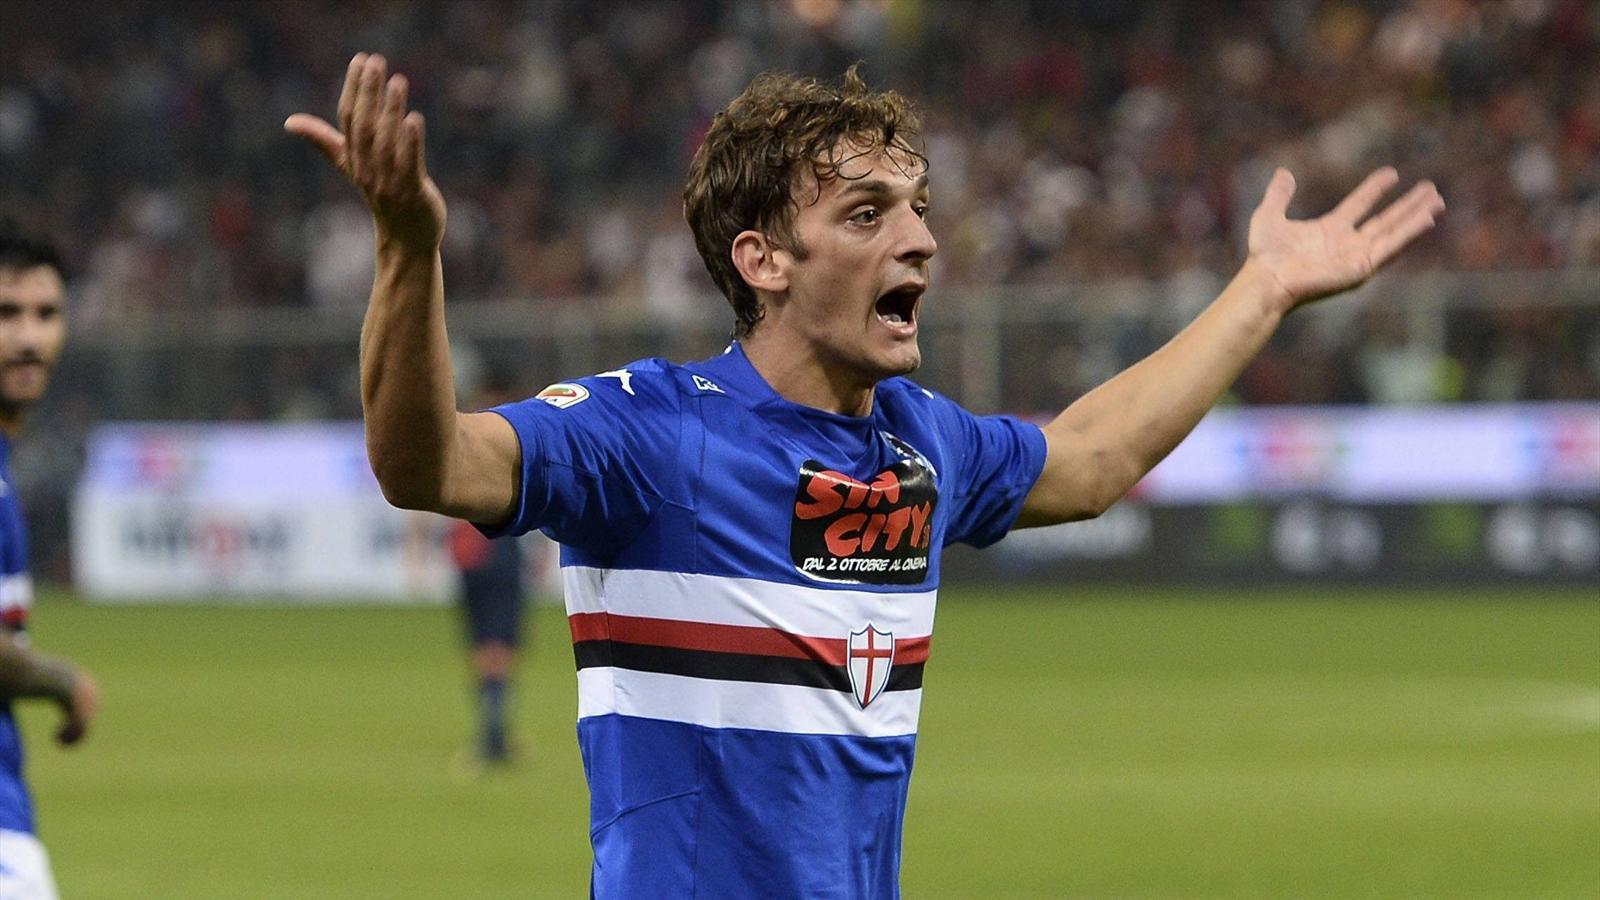 Che peccato Gabbiadini, un grande calciatore che però c'entra poco col Napoli di Higuain